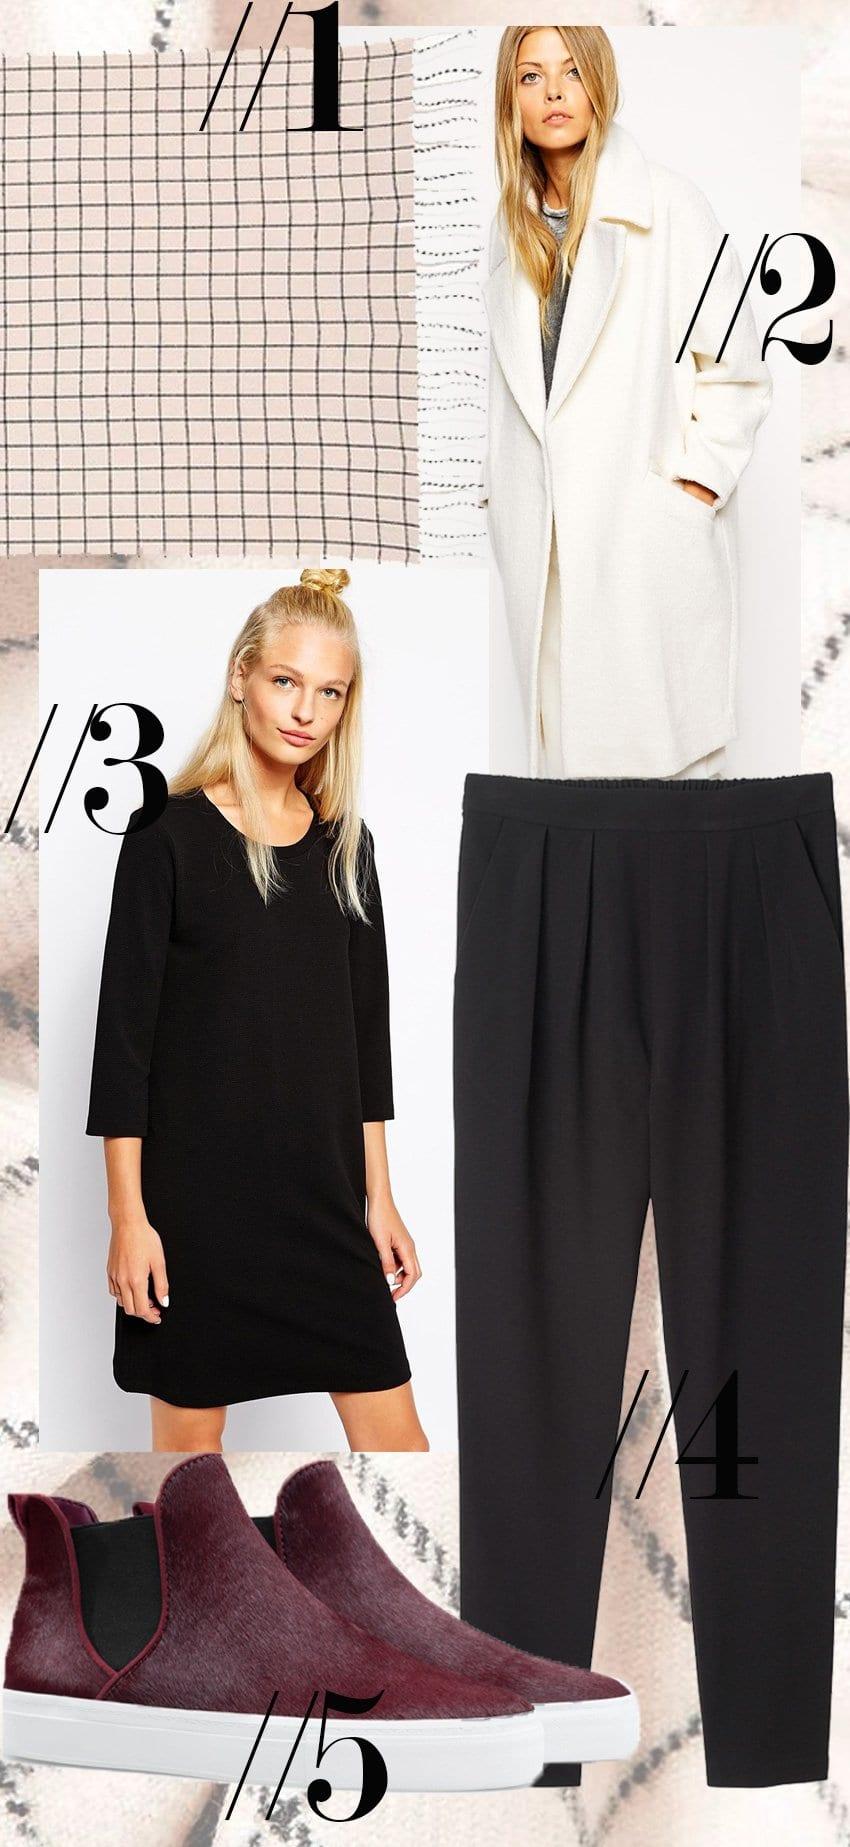 SHOPPING <i>- oktober-opdatering af garderoben og shoppeaften med Monki</i>